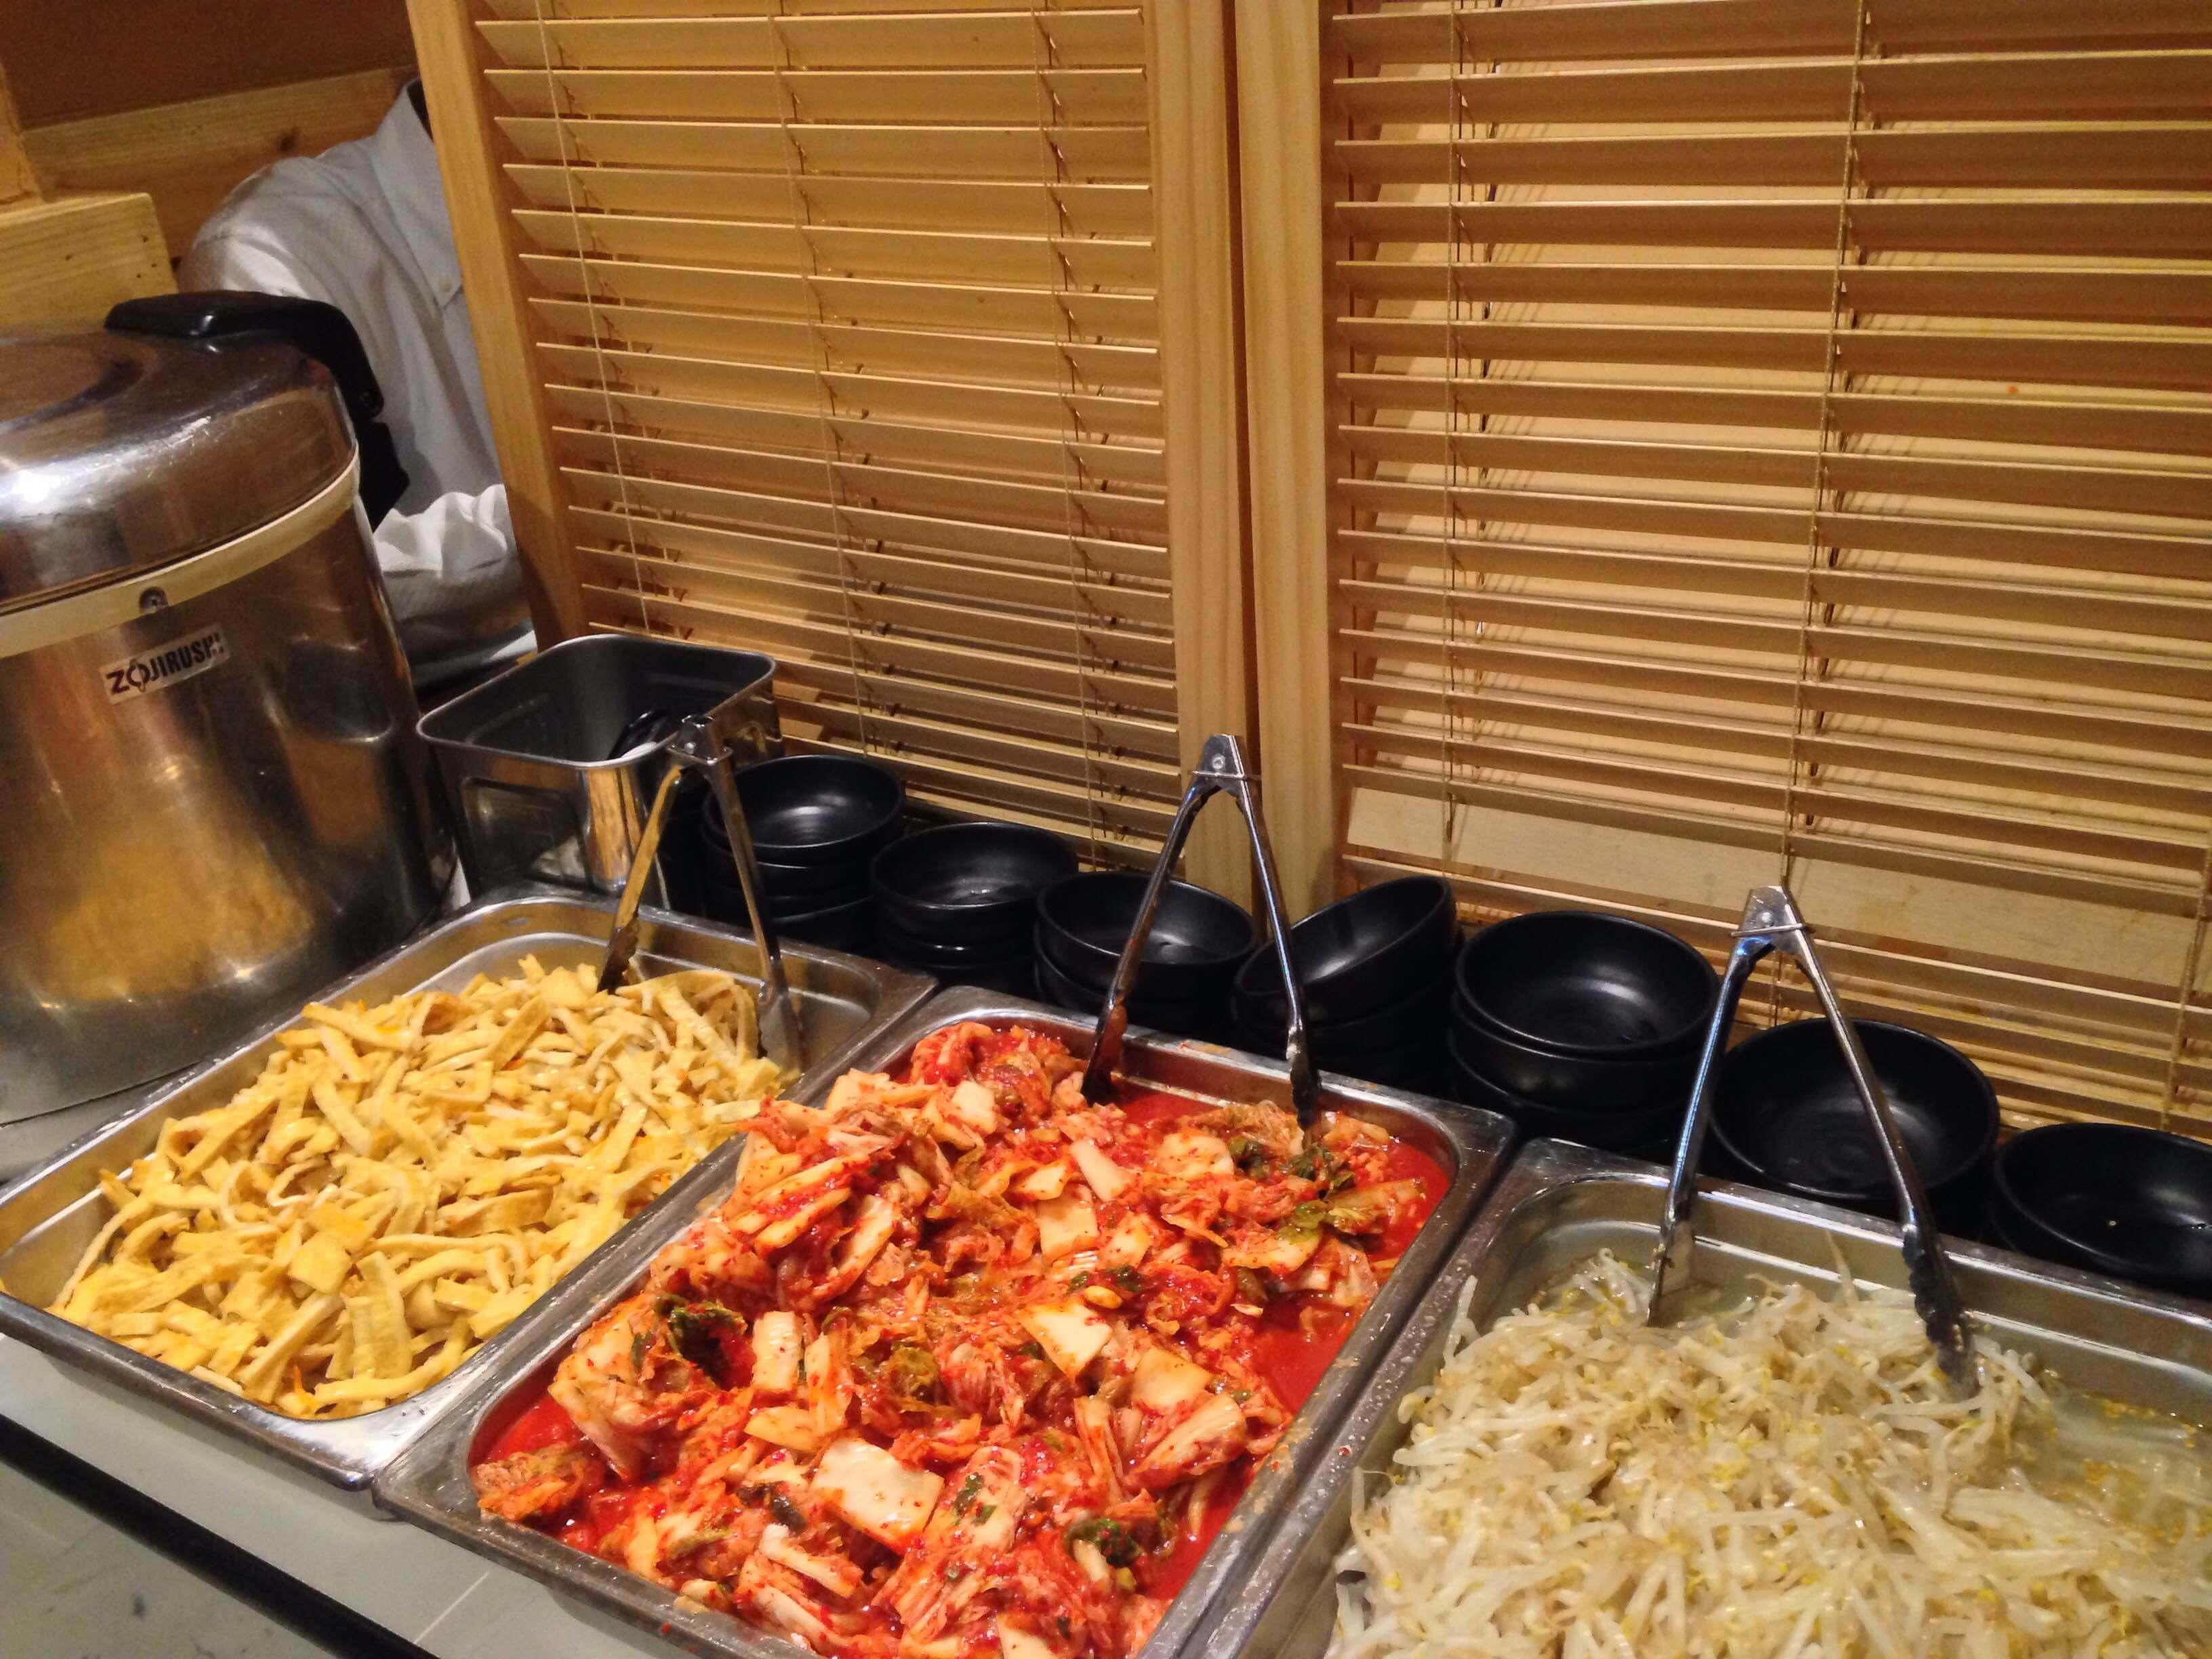 韓国料理のパラダイス! 新宿で韓国の味を楽しむなら、このお店ですのサムネイル画像